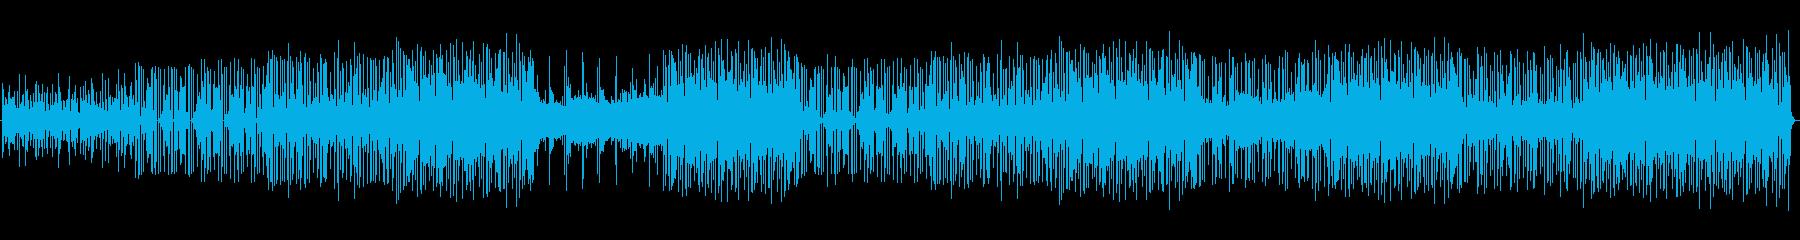 モダンなドラムループとシンセサイザ...の再生済みの波形